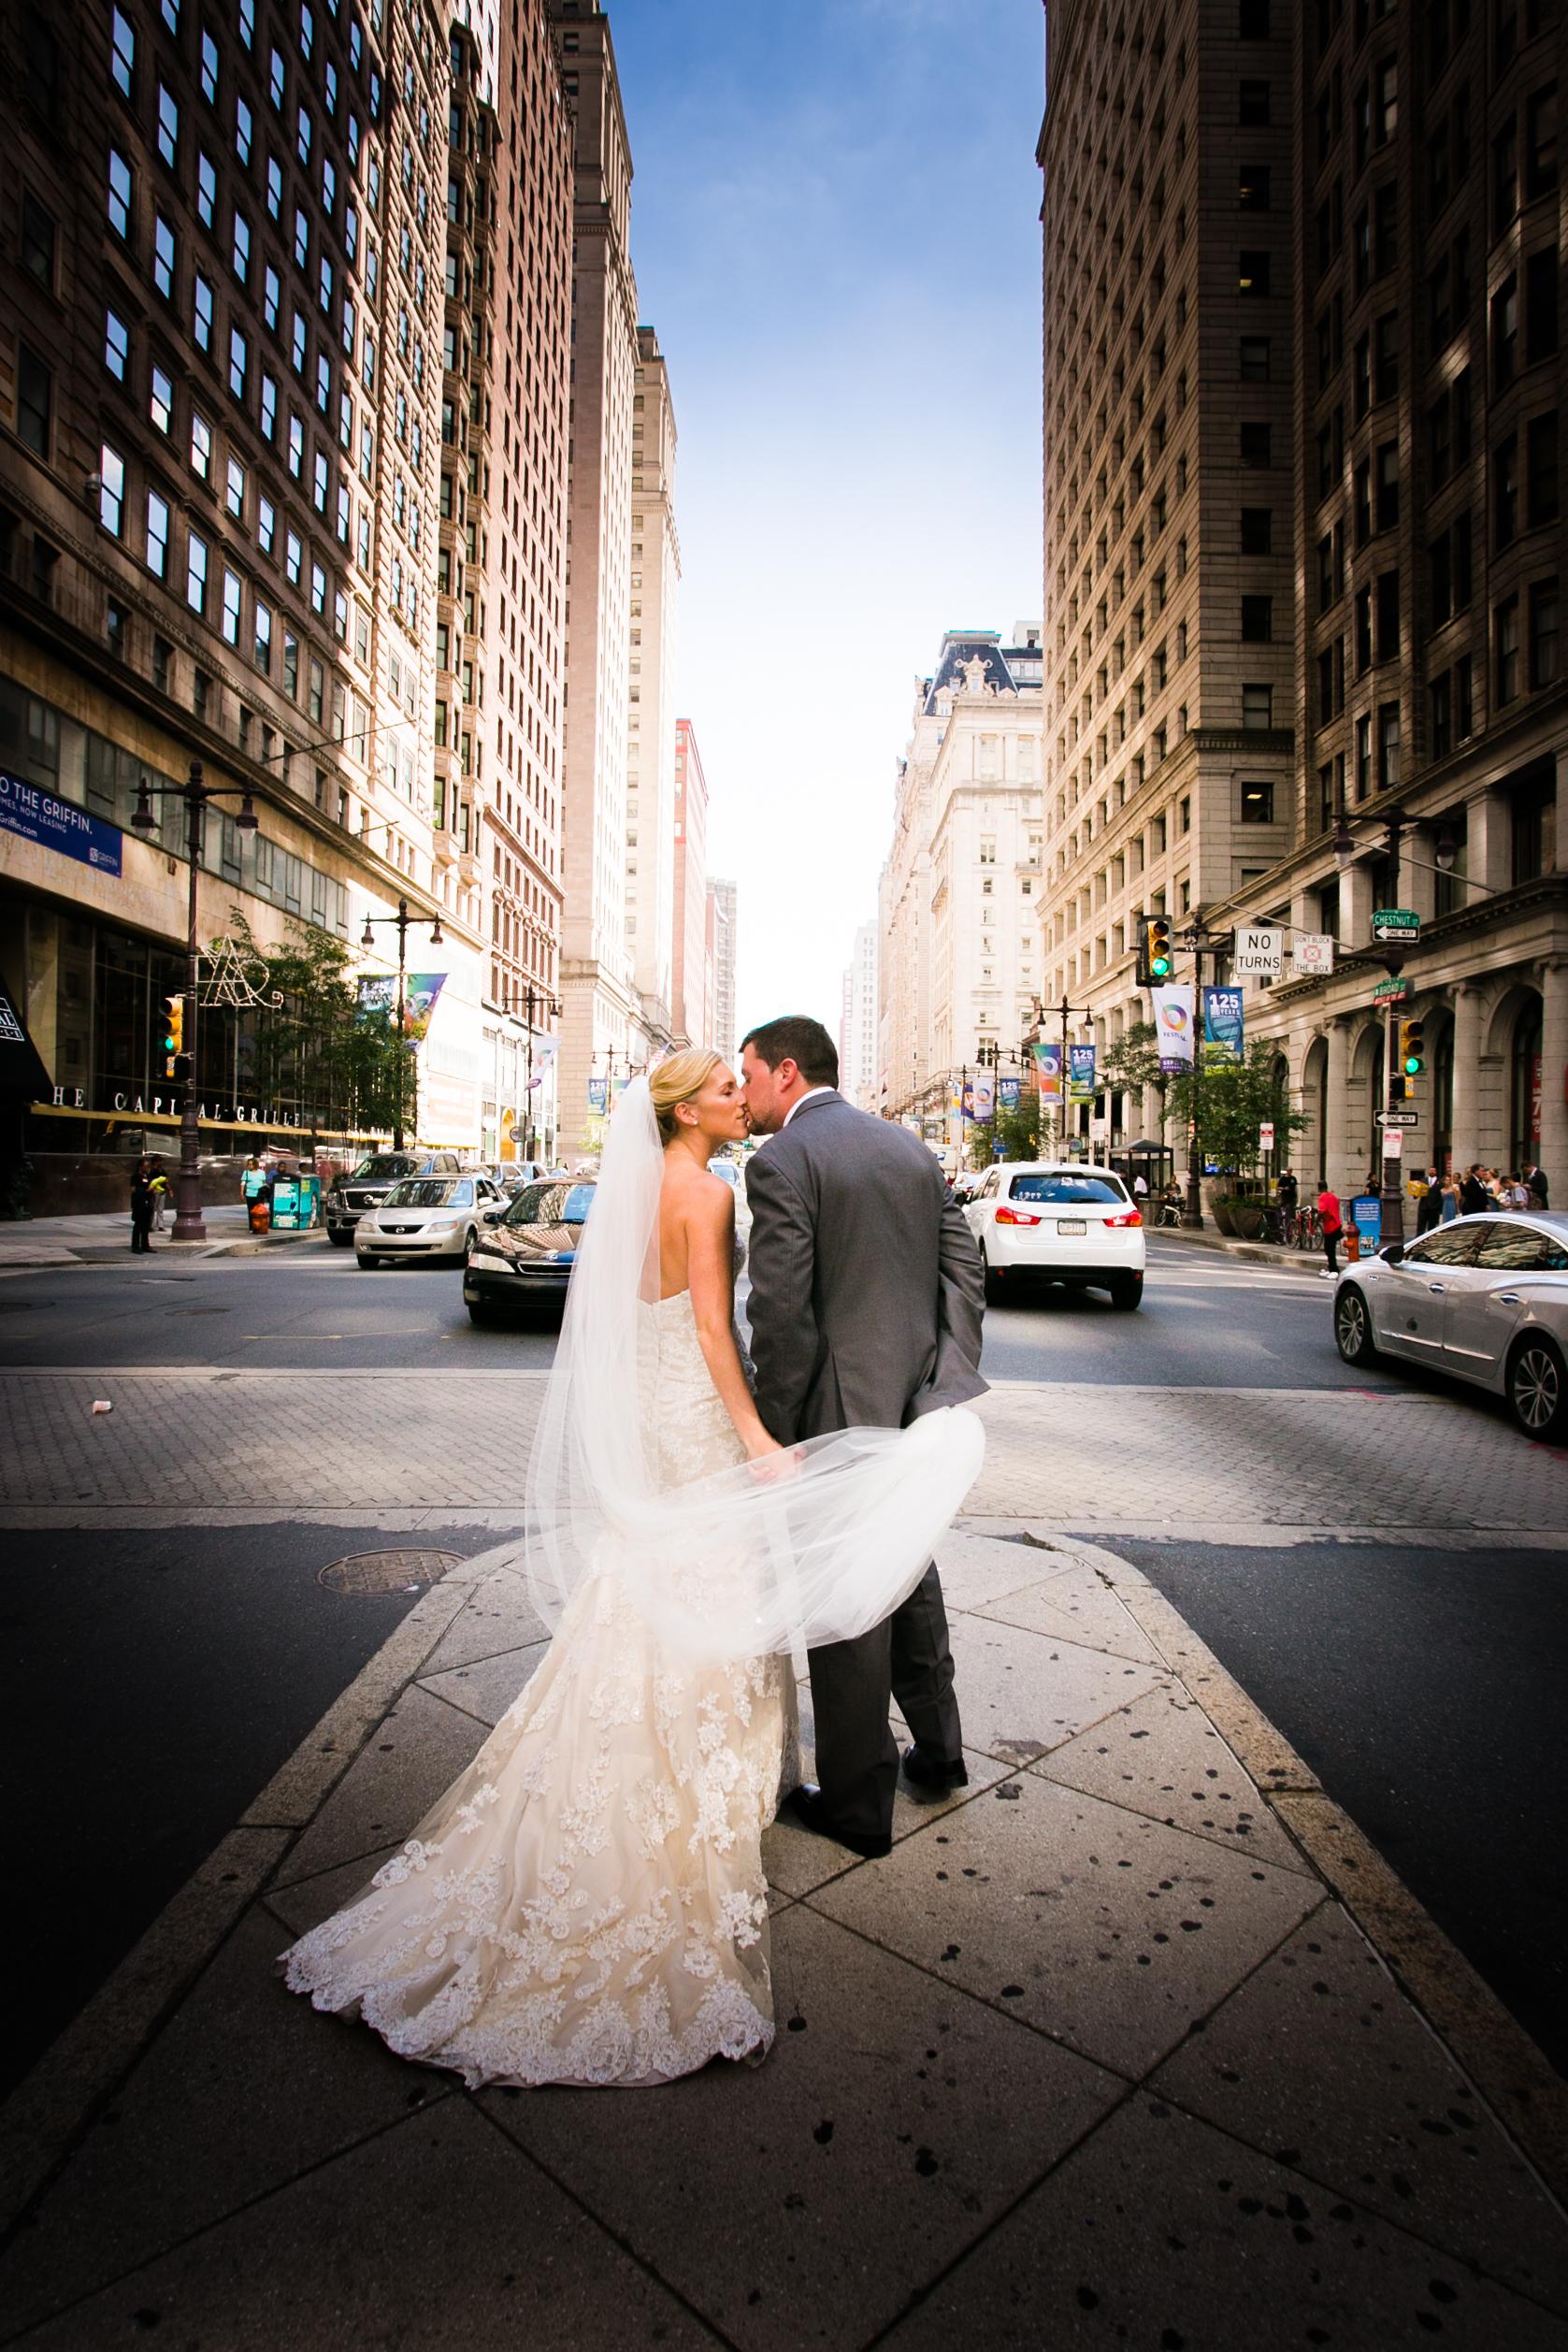 TENDENZA FISHTOWN PHILADELPHIA WEDDING - 082.jpg